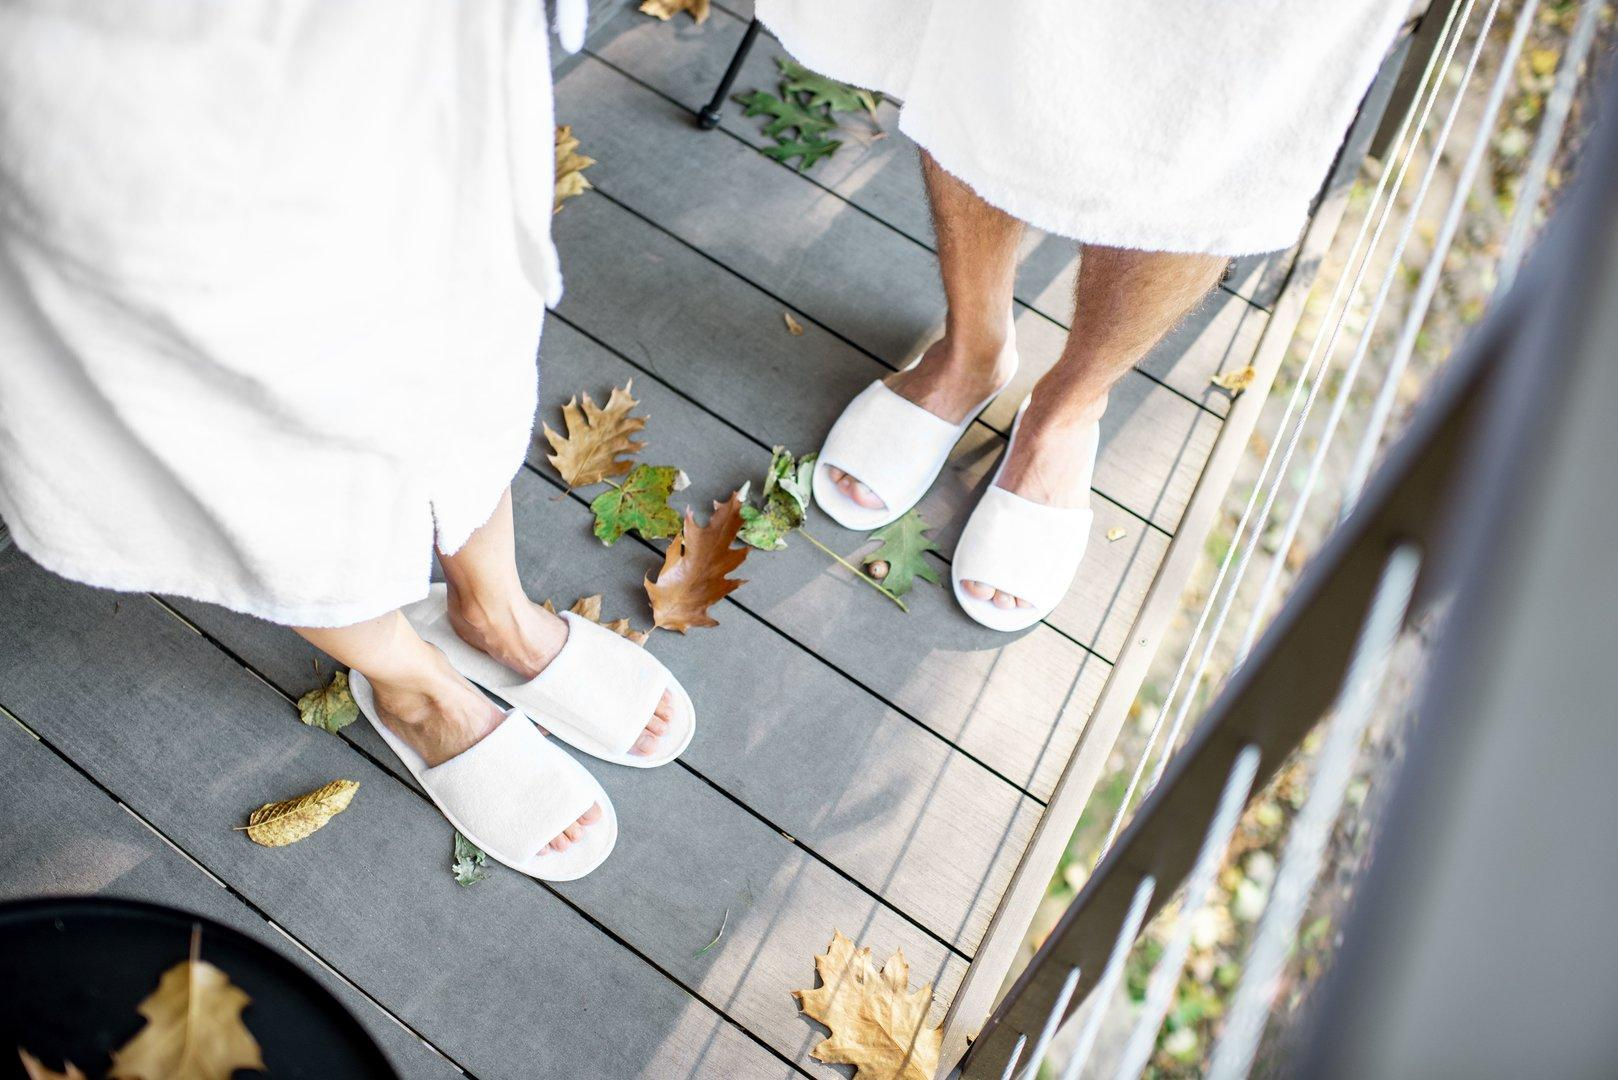 Herbstferien: Viele Wellnesshotels sind gut gebucht